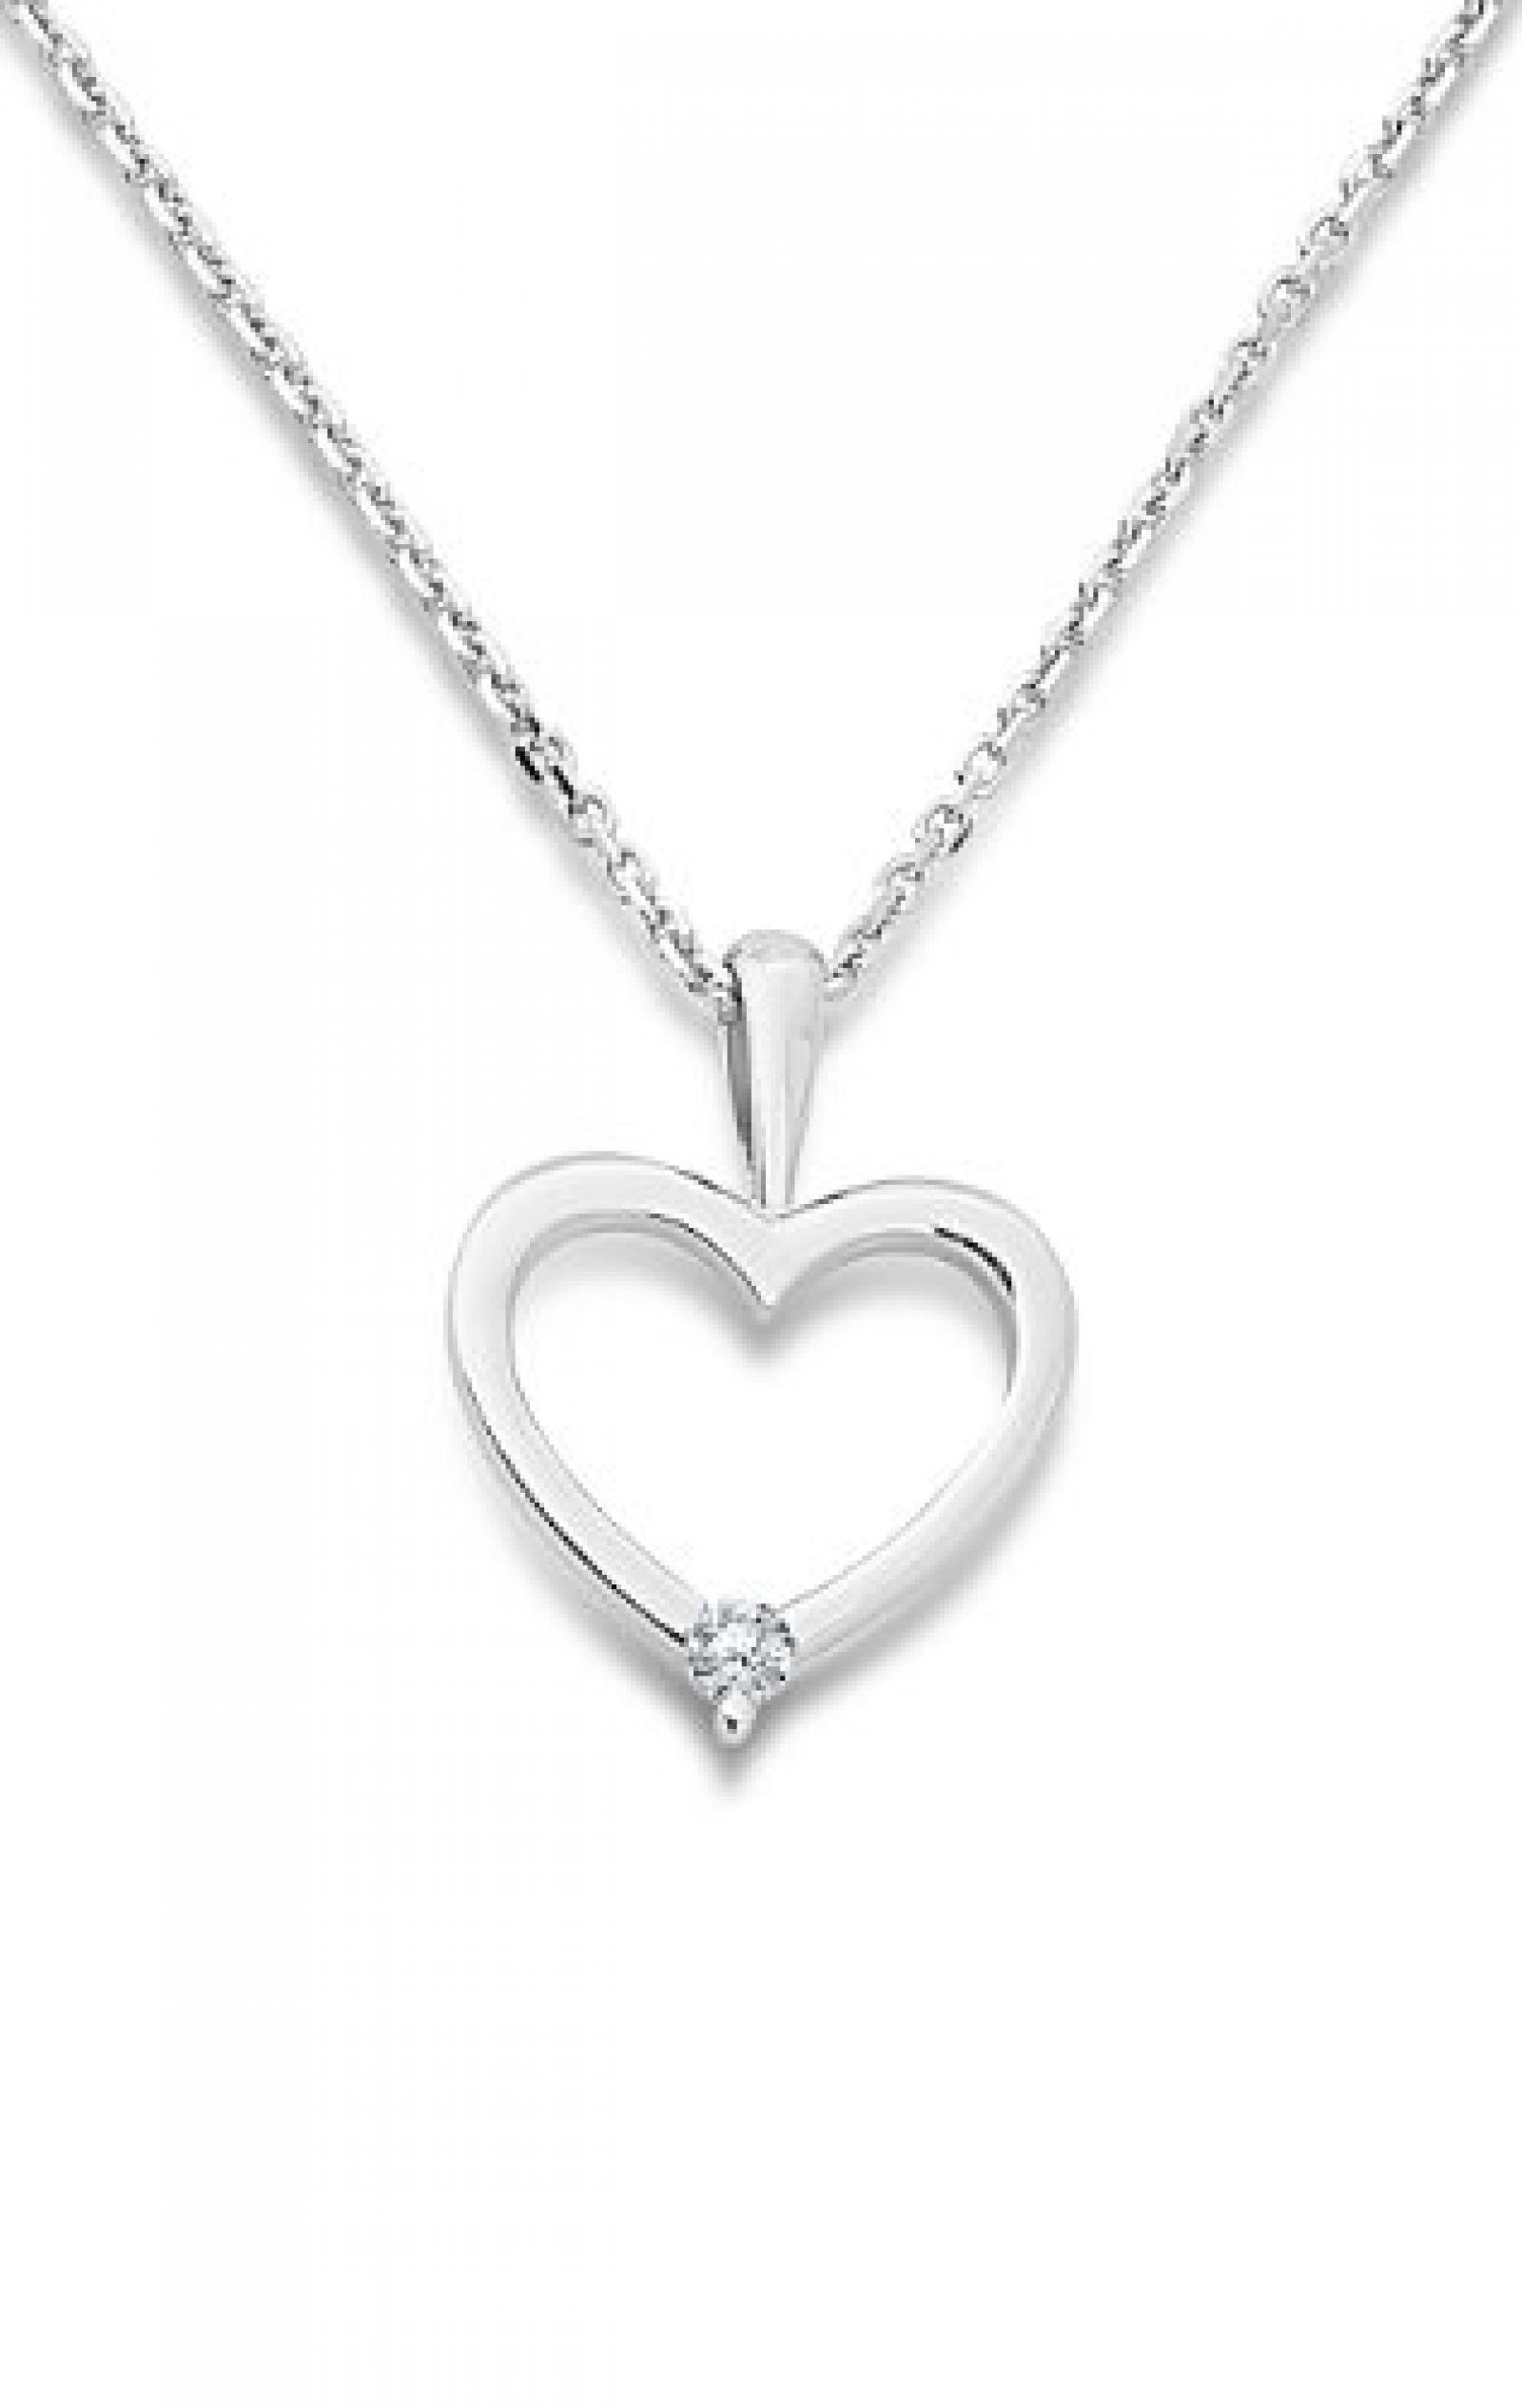 Miore Damen-Halskette Herz mit Brillant 9 Karat 375 Weißgold 42cm + 3cm MY005N